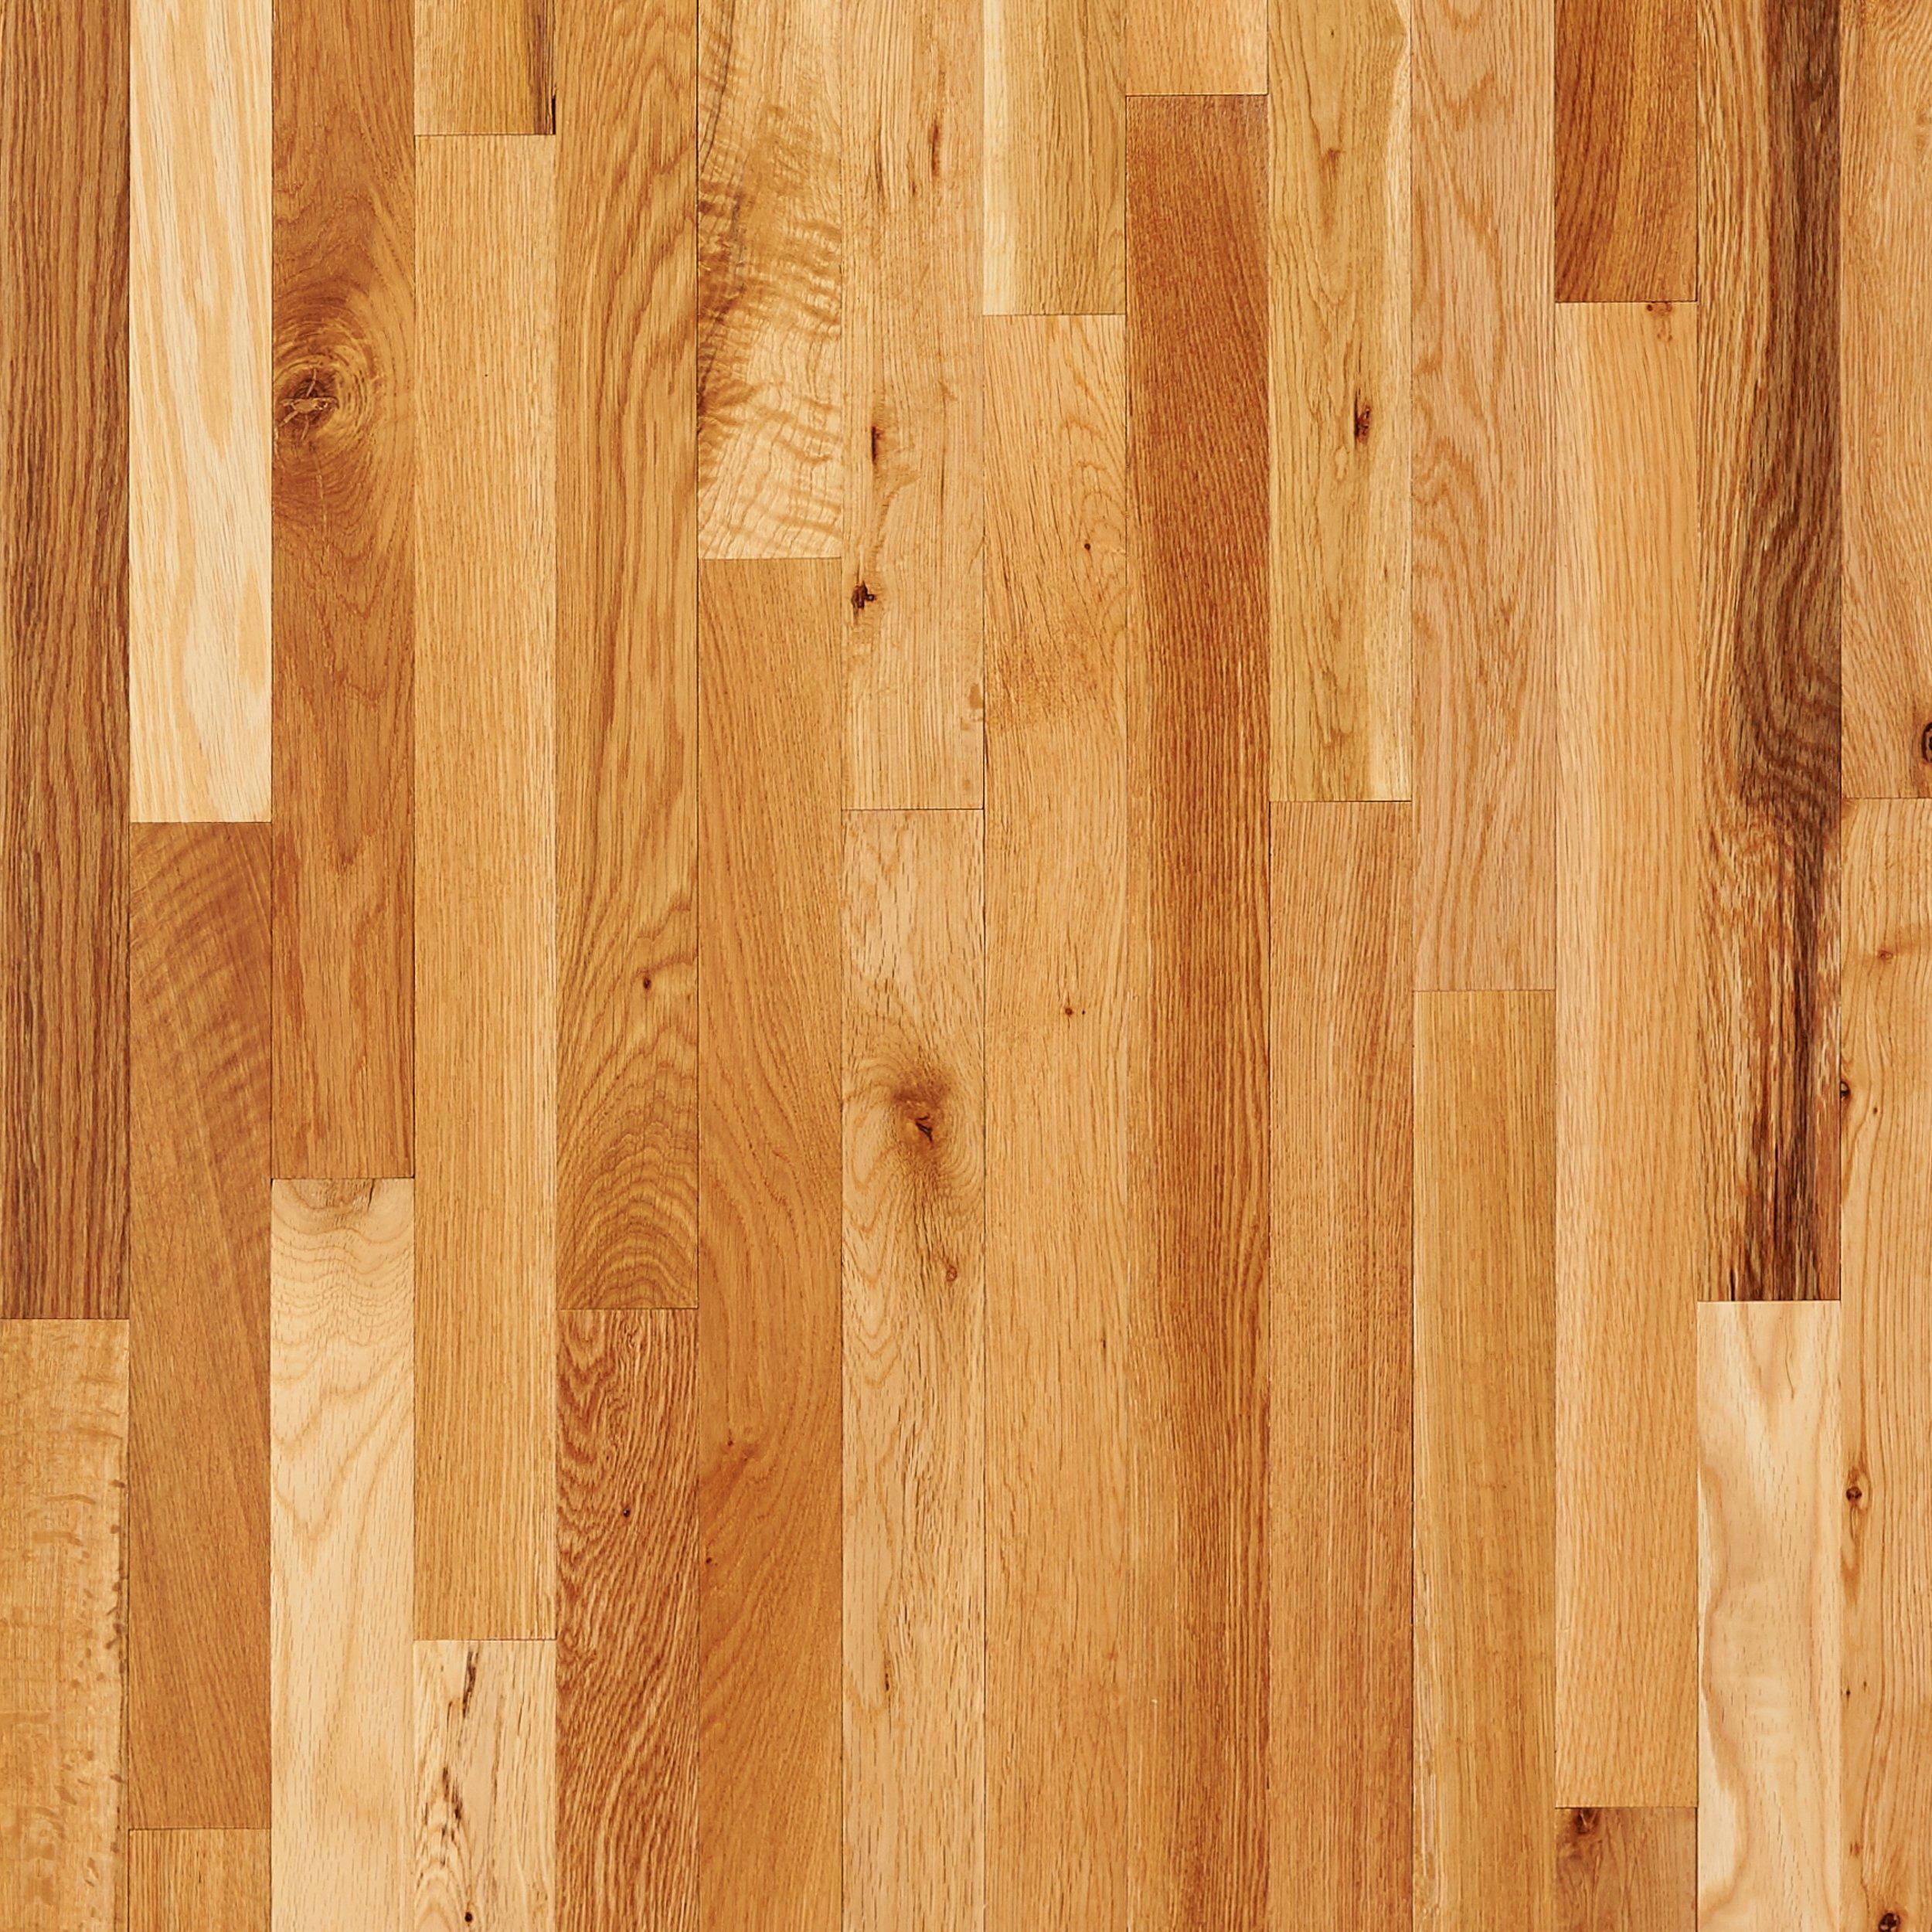 oak hardwood flooring natural oak smooth solid hardwood TGNZPNG